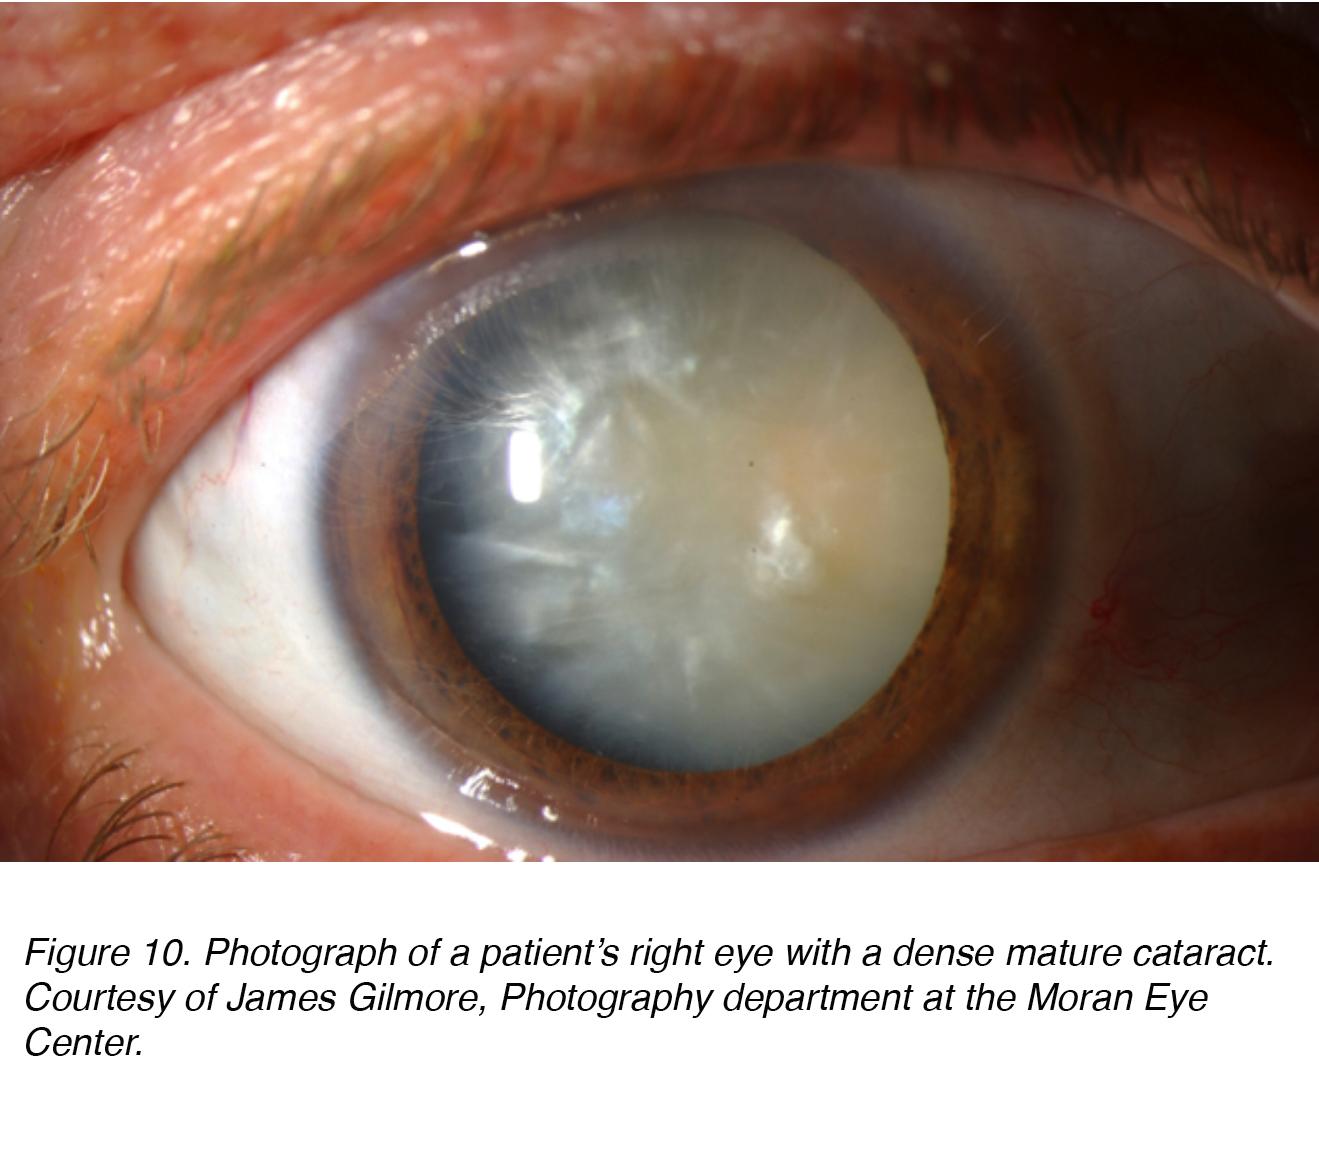 Mature cataract journal